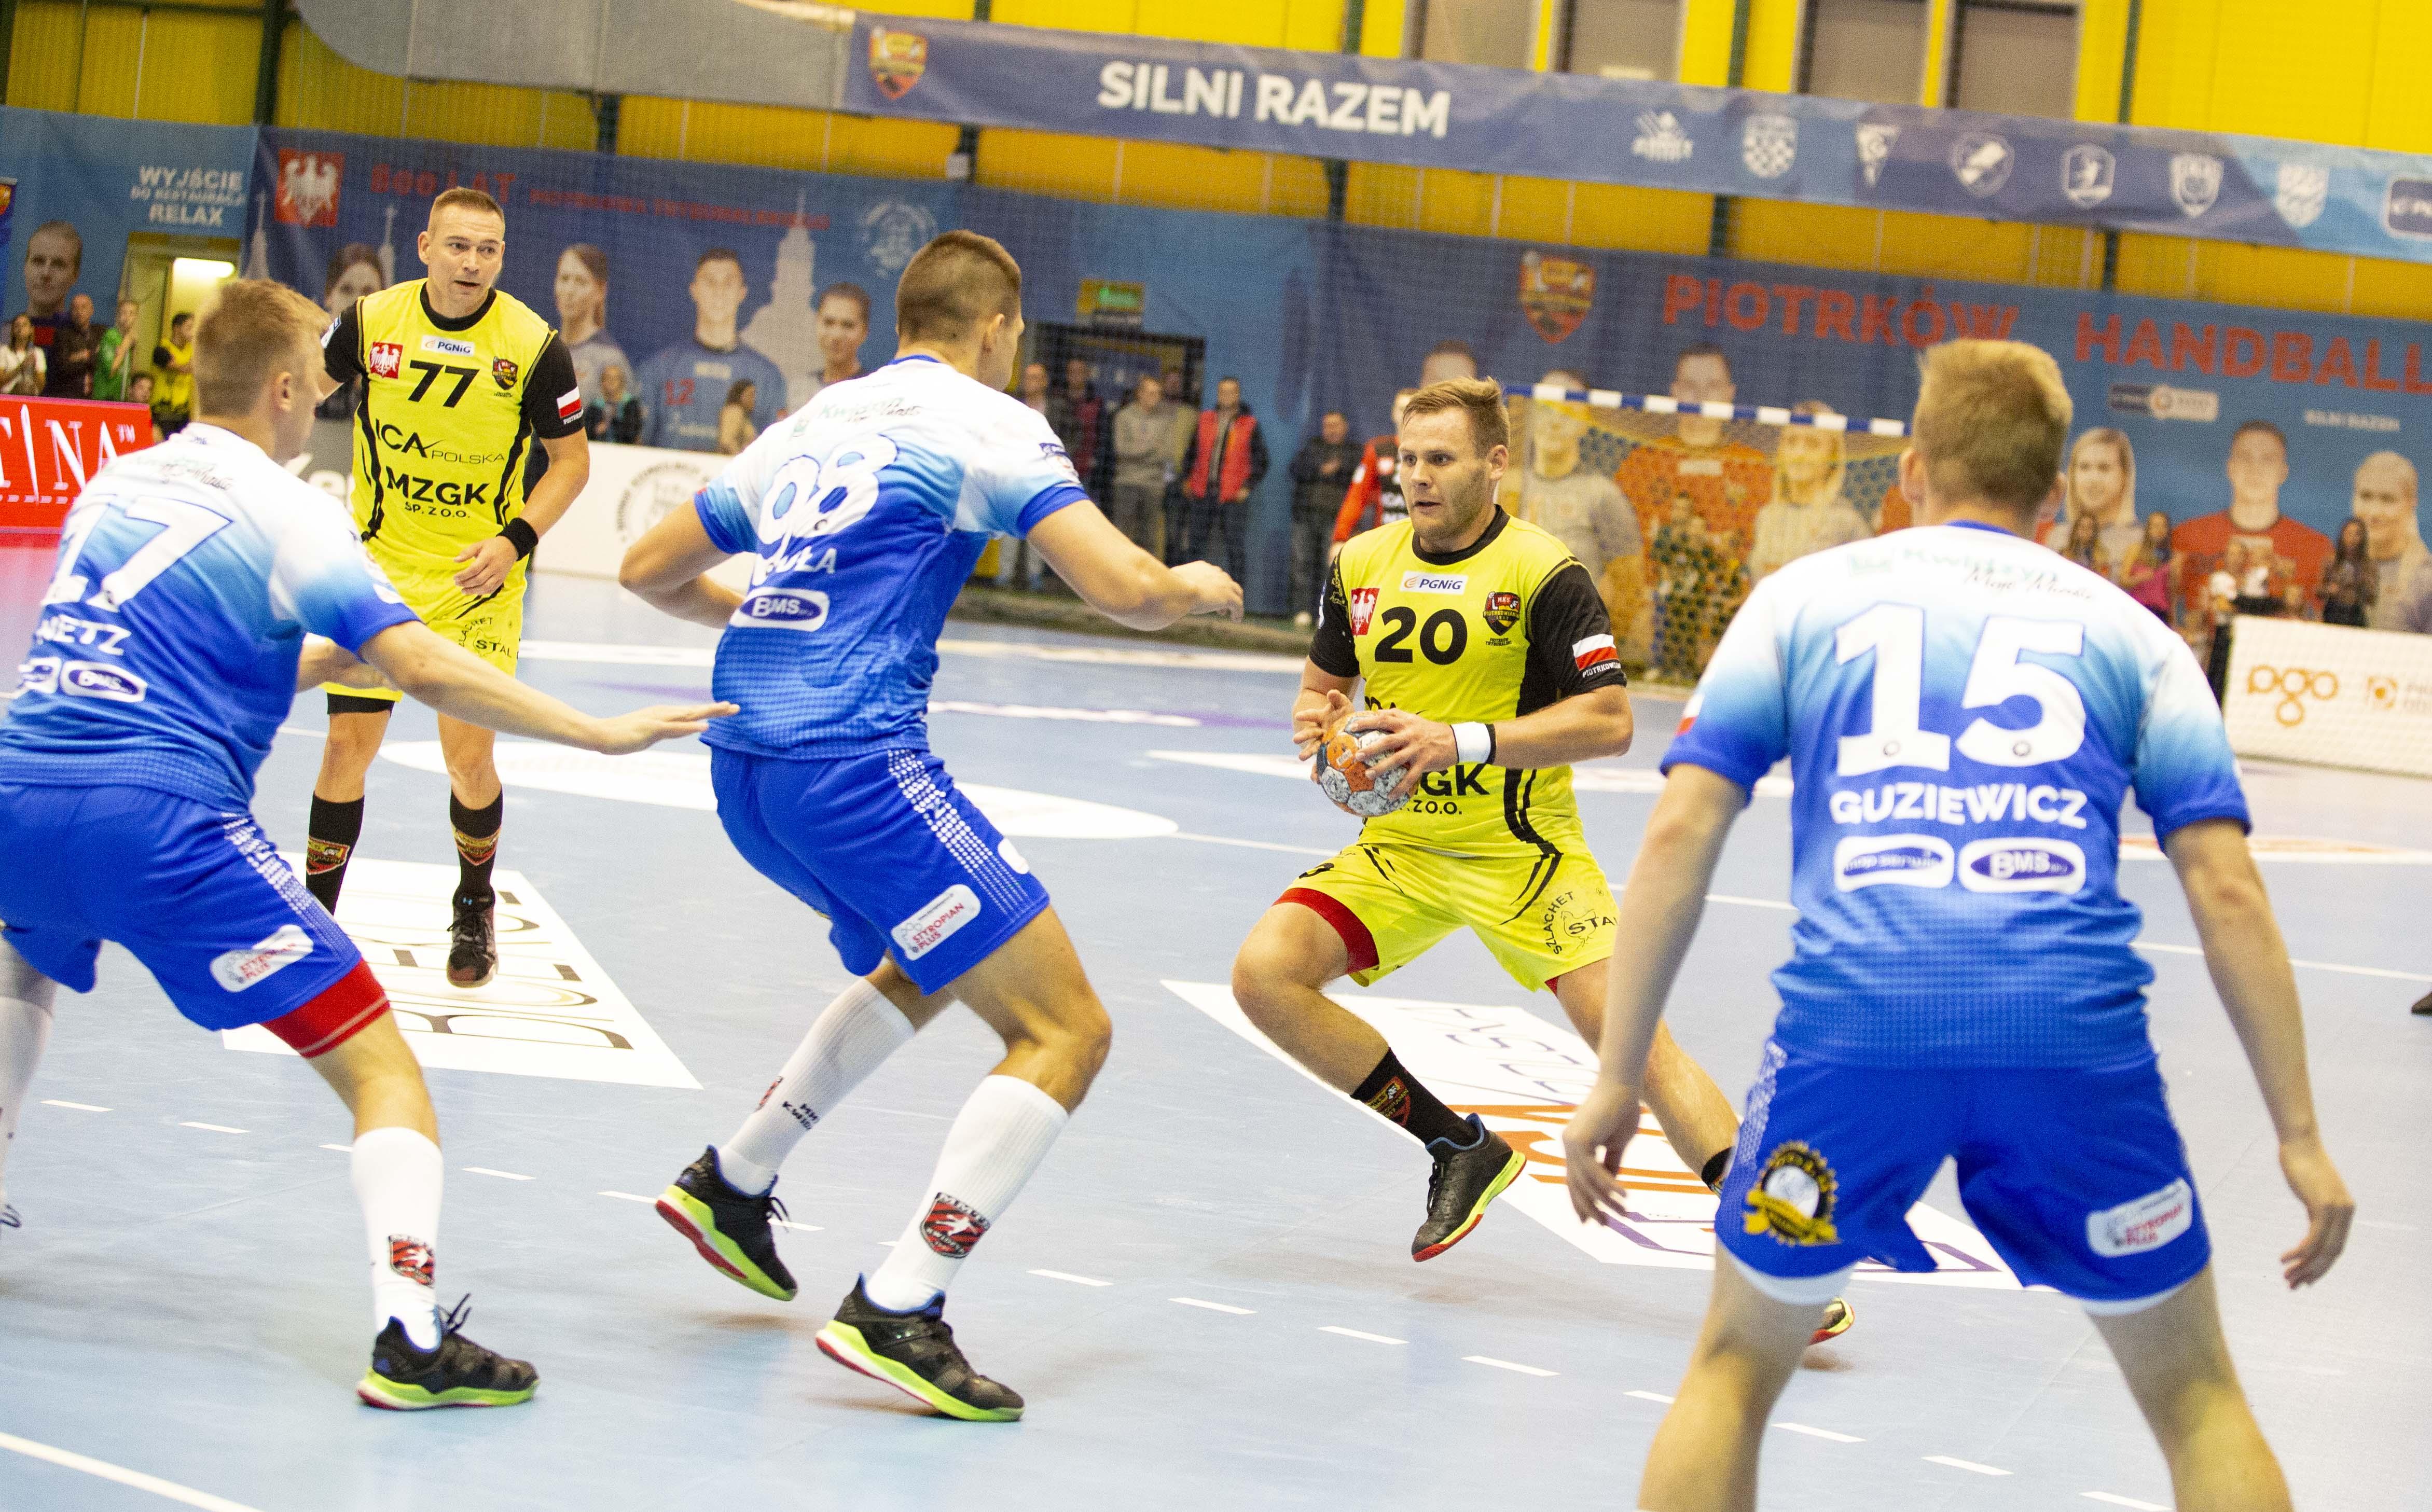 Photo of Pierwsze punkty Piotrkowianina – wideo